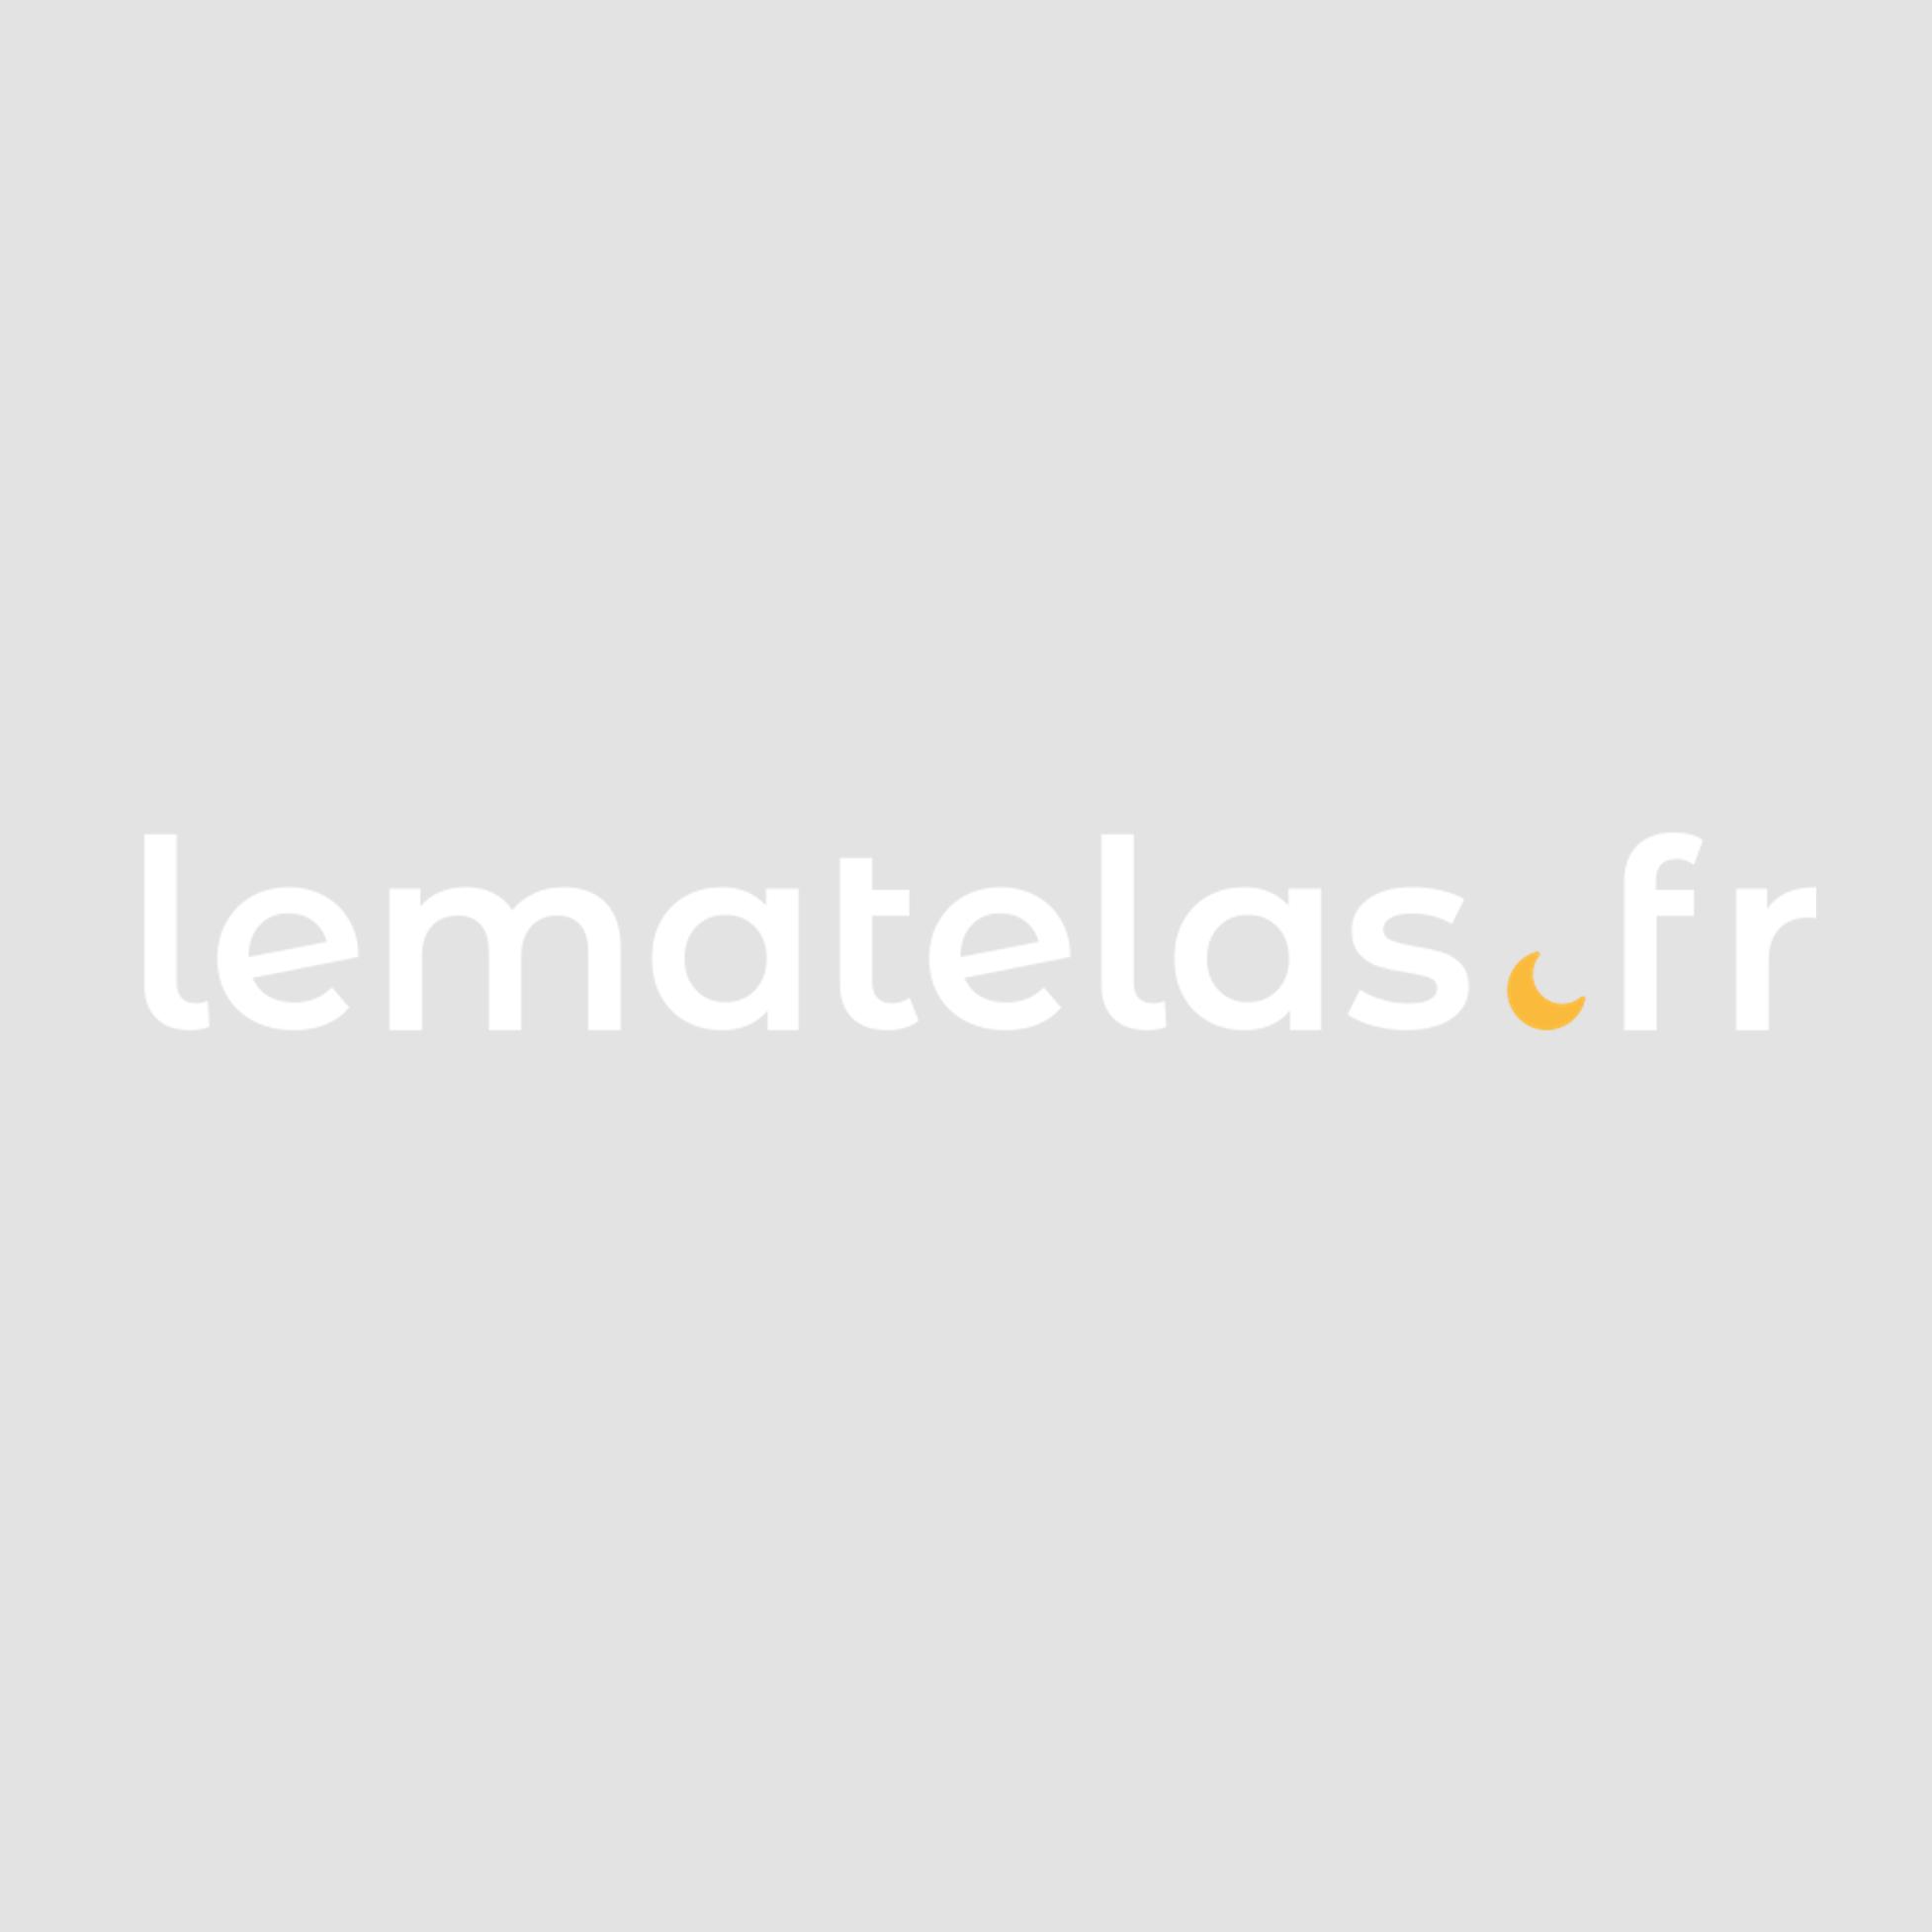 Taie de traversin bleu minéral 100% coton biologique